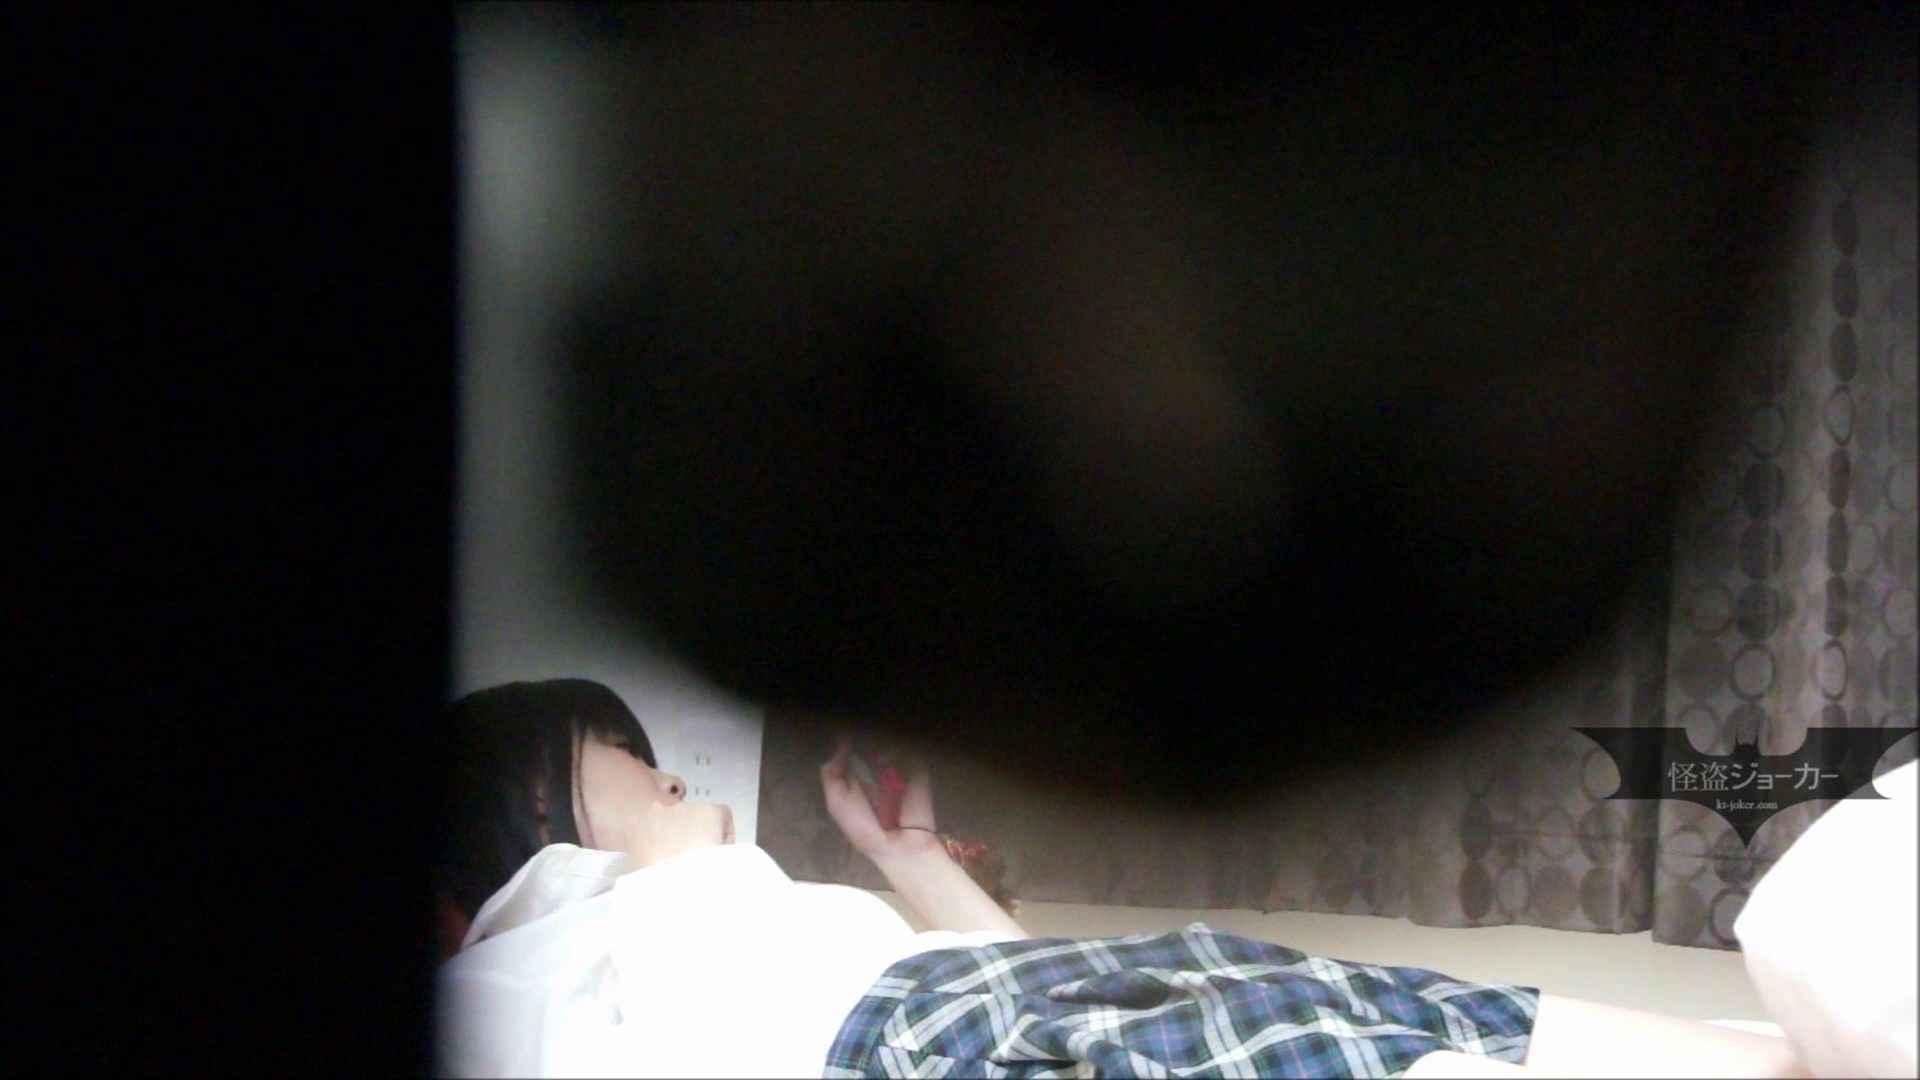 【未公開】vol.54【小春】脱衣所とオナニー隠し撮り 脱衣所   高画質  81画像 17